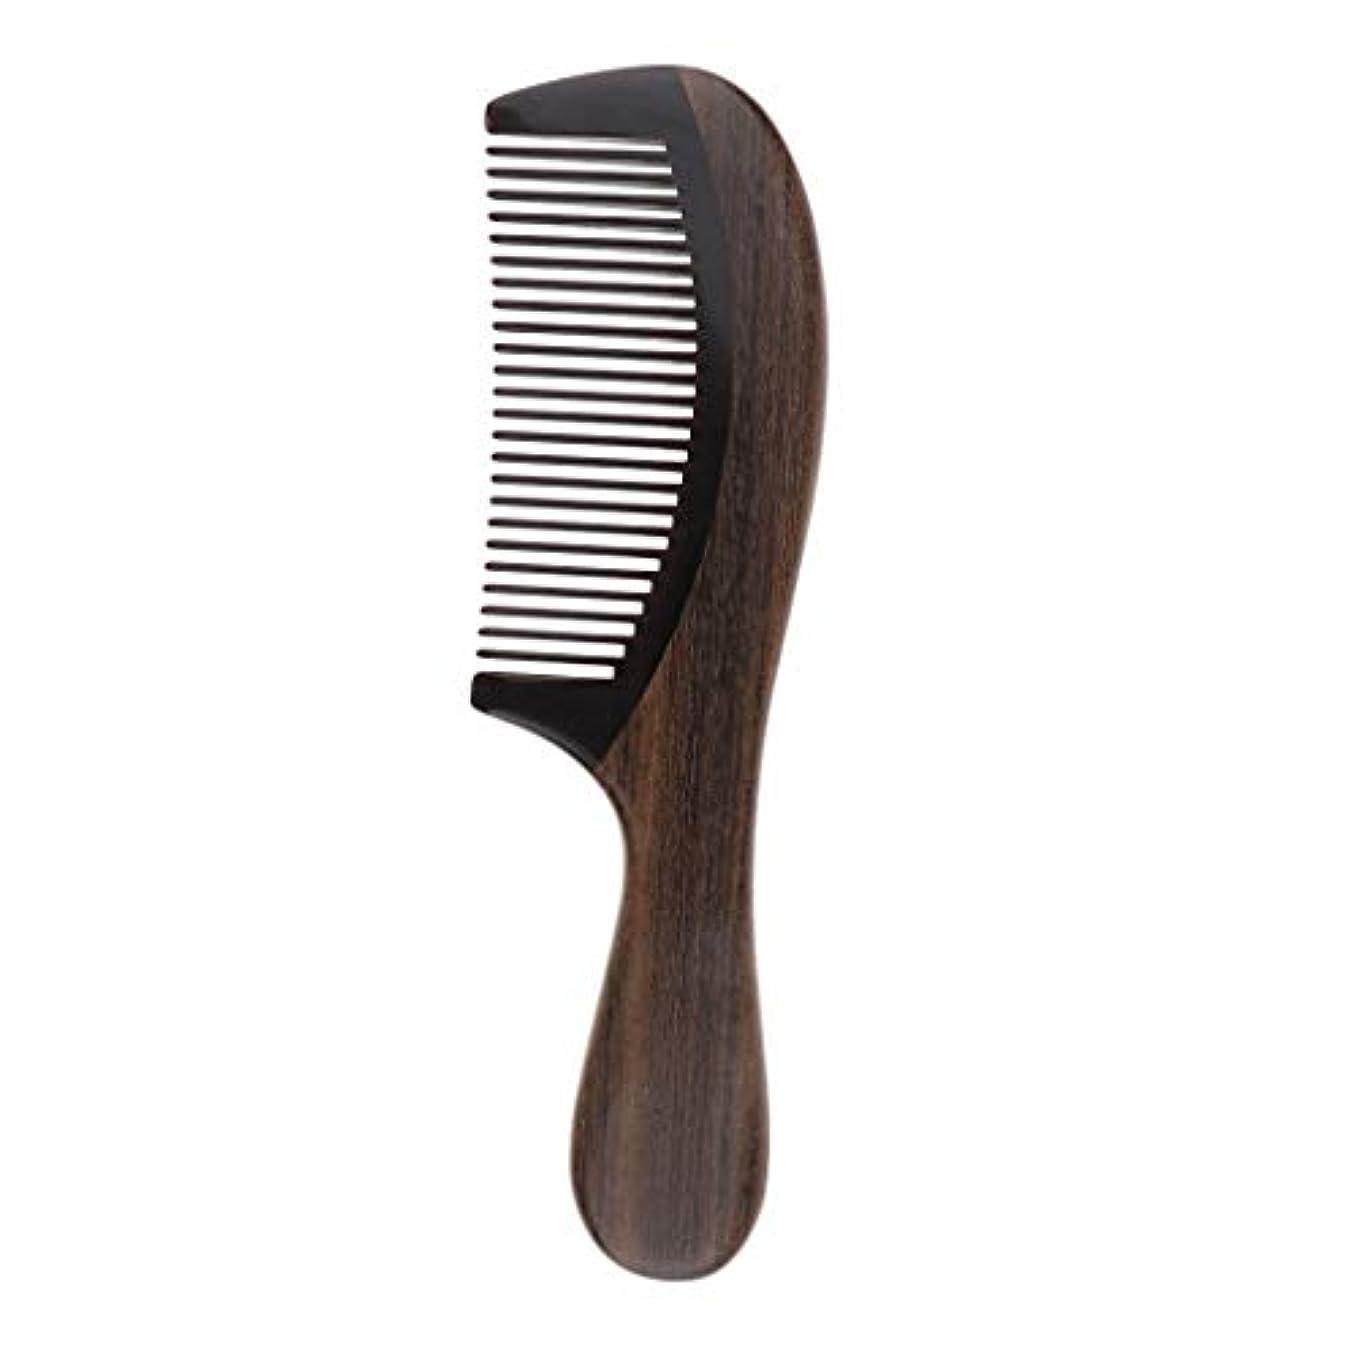 ホバート確かめるその櫛 木製 くし コーム 木製ヘアコーム 頭皮マッサージ くし 静電気防止 頭 美髪ケア サンダルウッド